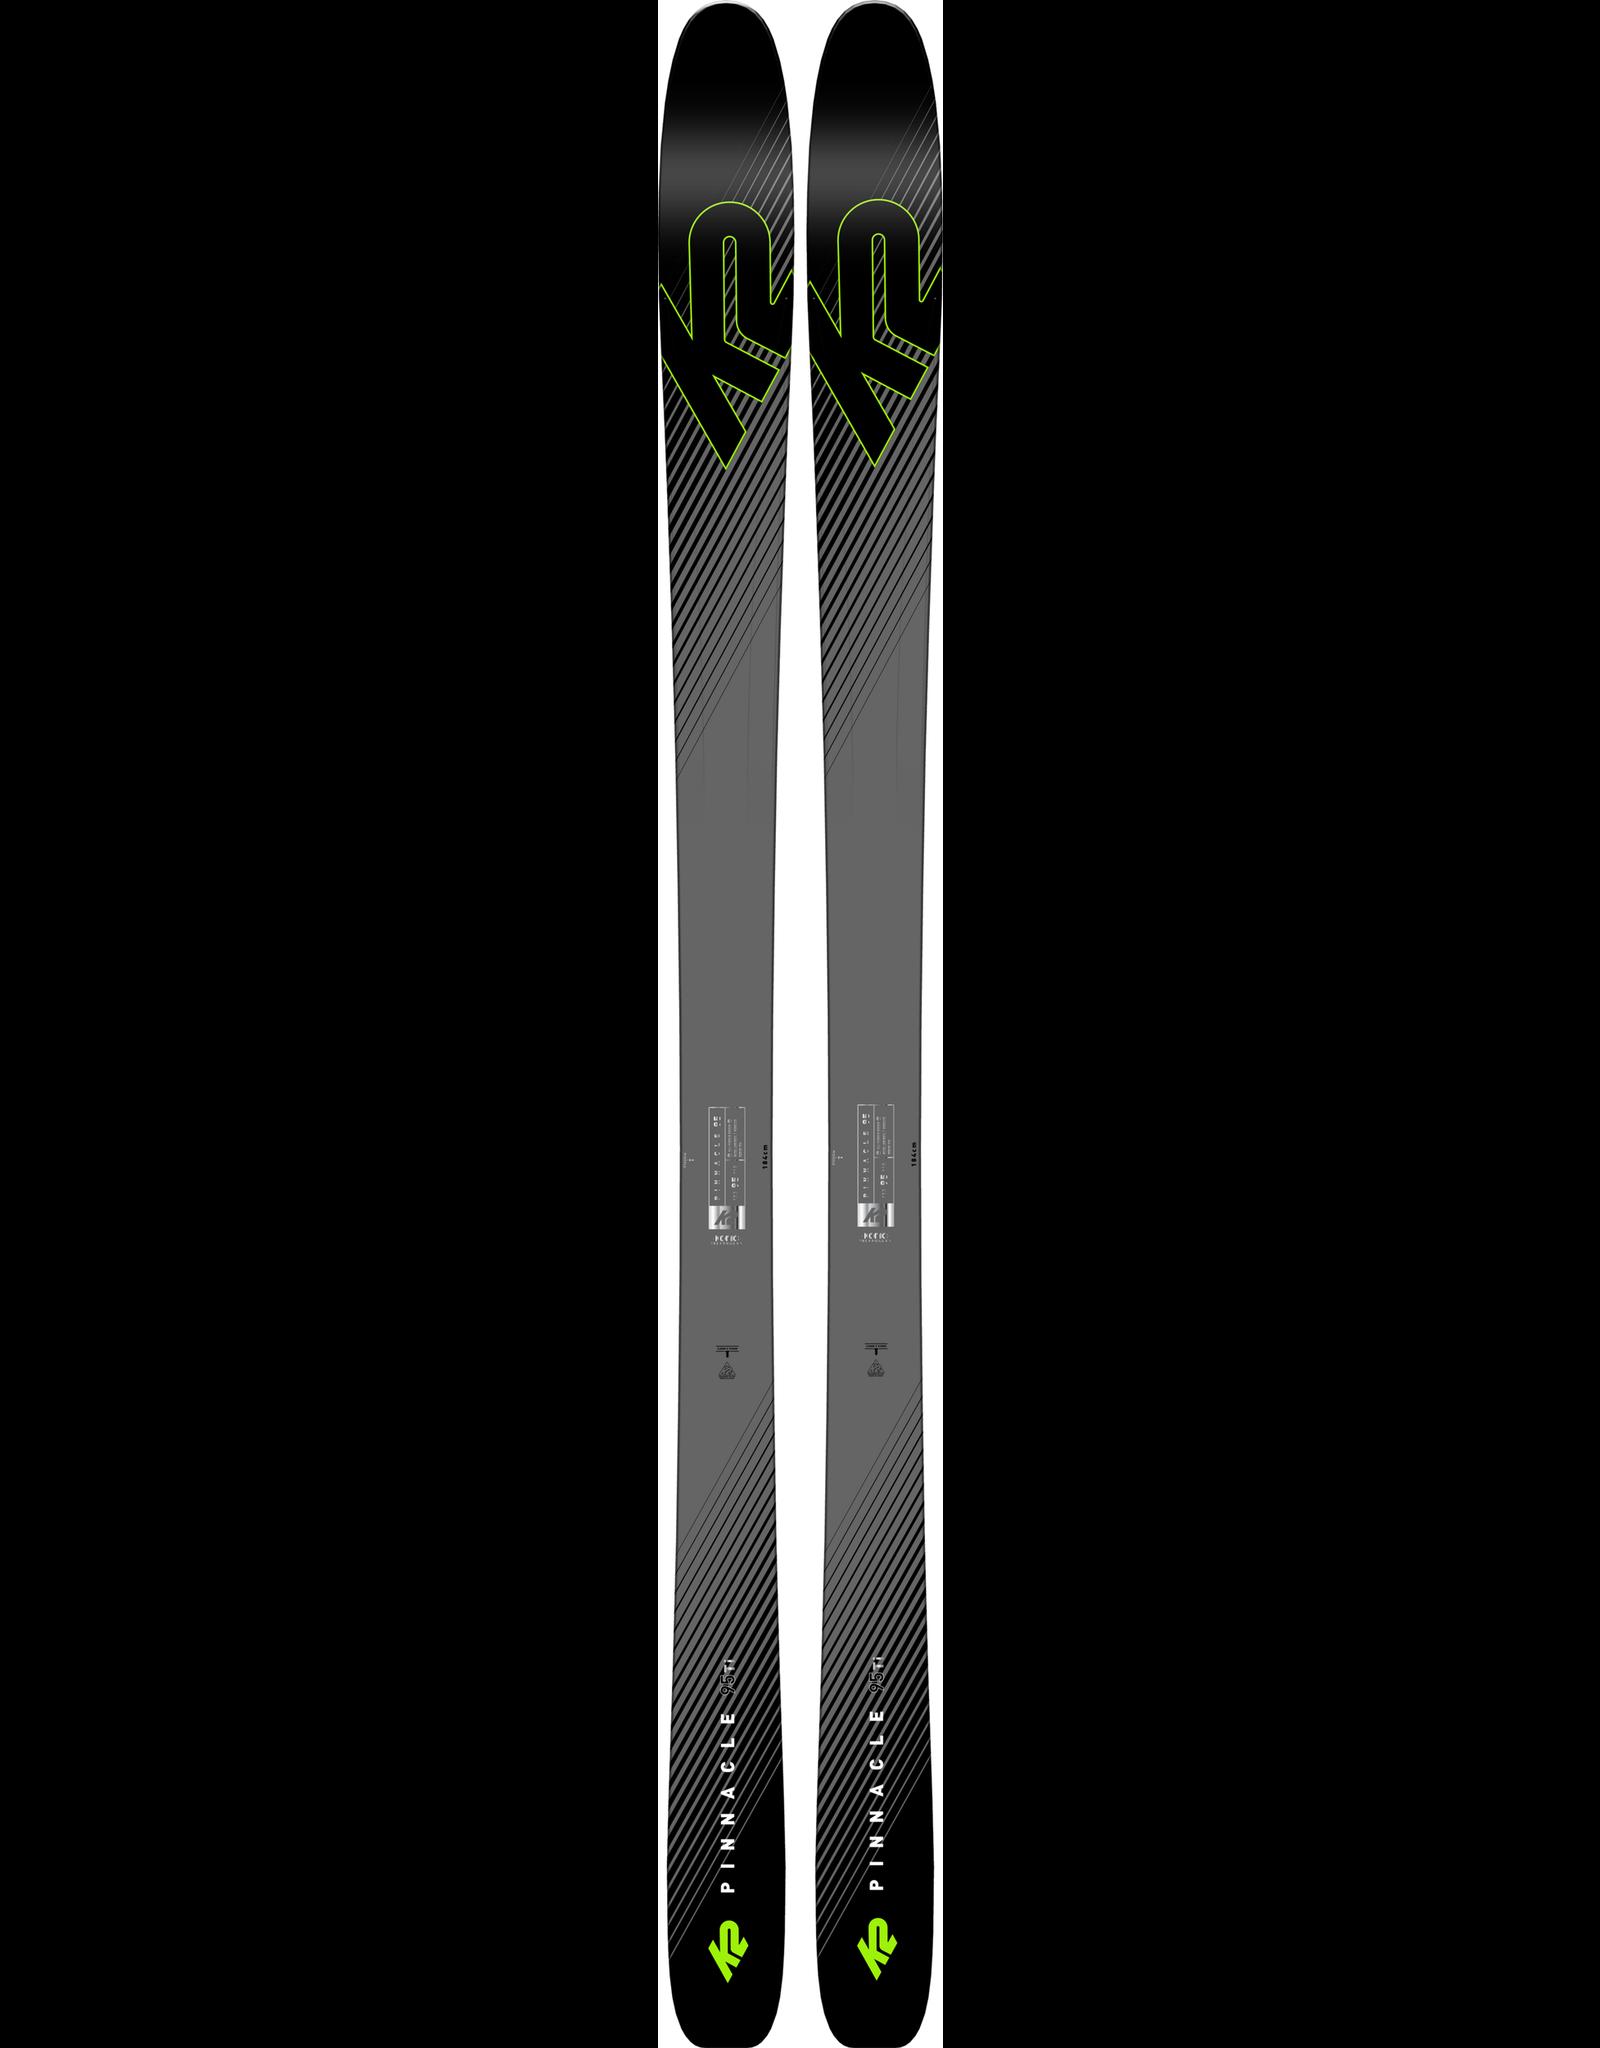 K2 Pinnacle 95 Ti 2019